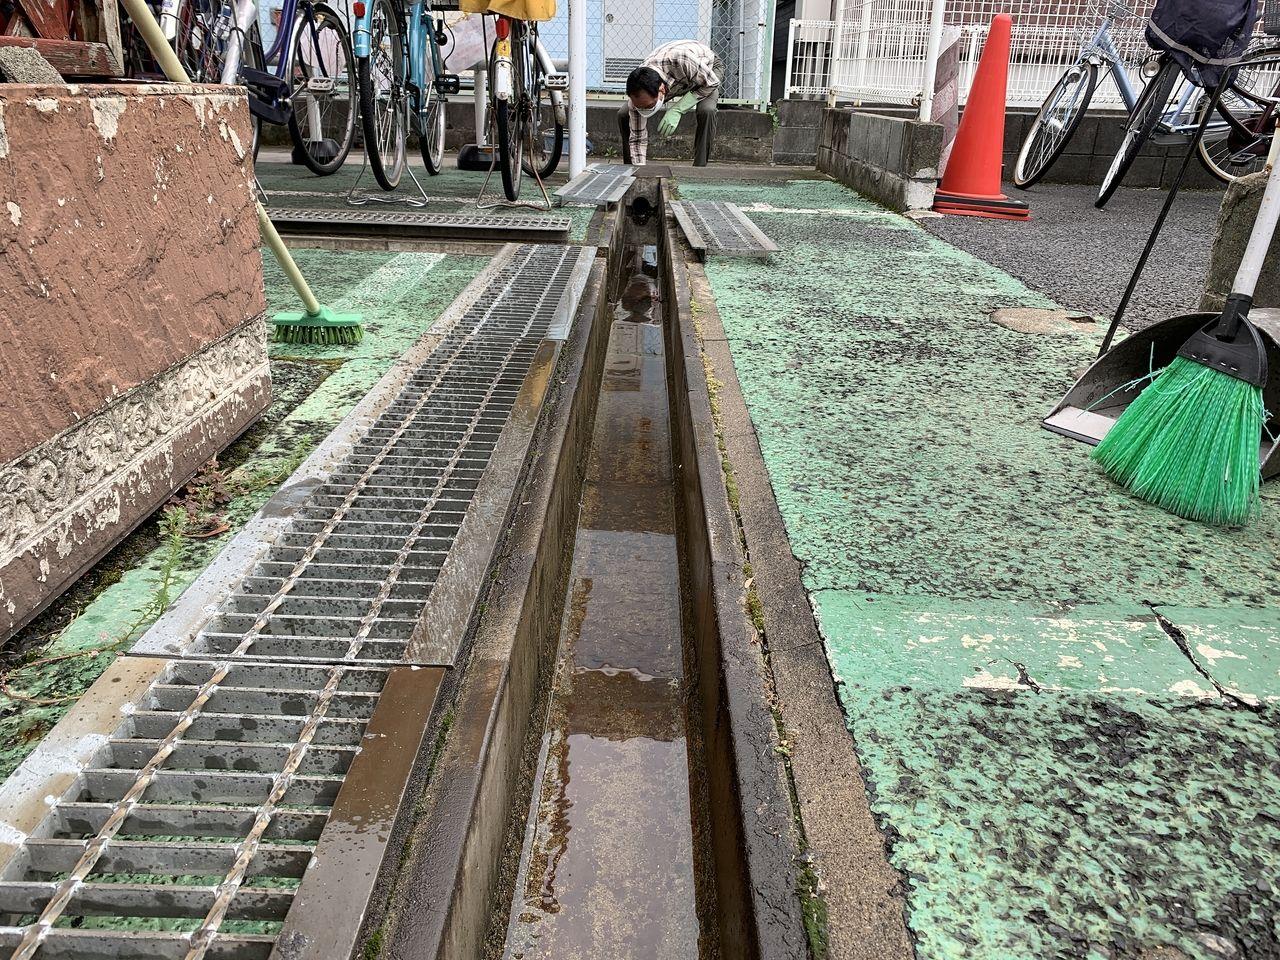 ア・ス・ヴェルデⅡにある排水溝を掃除しました。